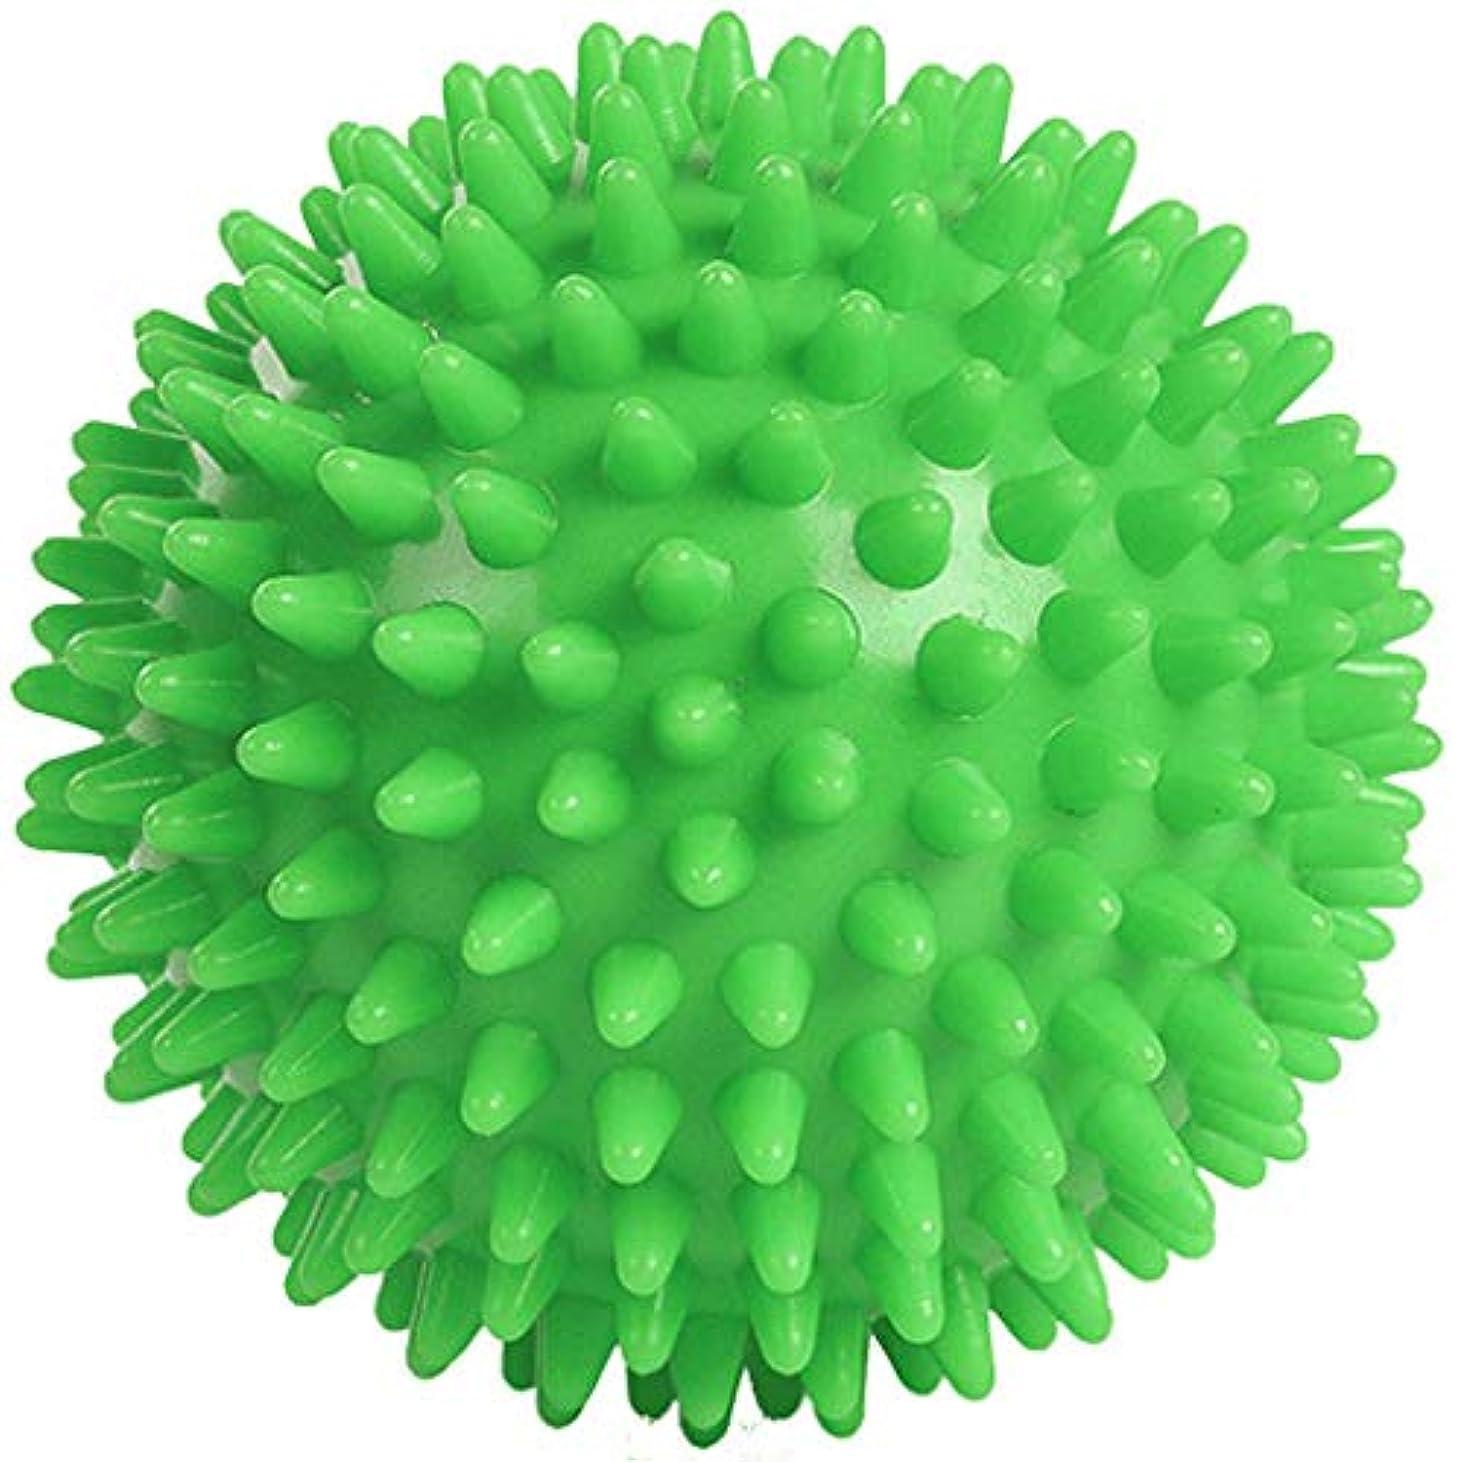 コミット汗たらいArichops リフレックスボール 触覚ボール 足裏手 背中のマッサージボール リハビリ マッサージ用 血液循環促進 筋肉緊張 圧迫で解きほぐす